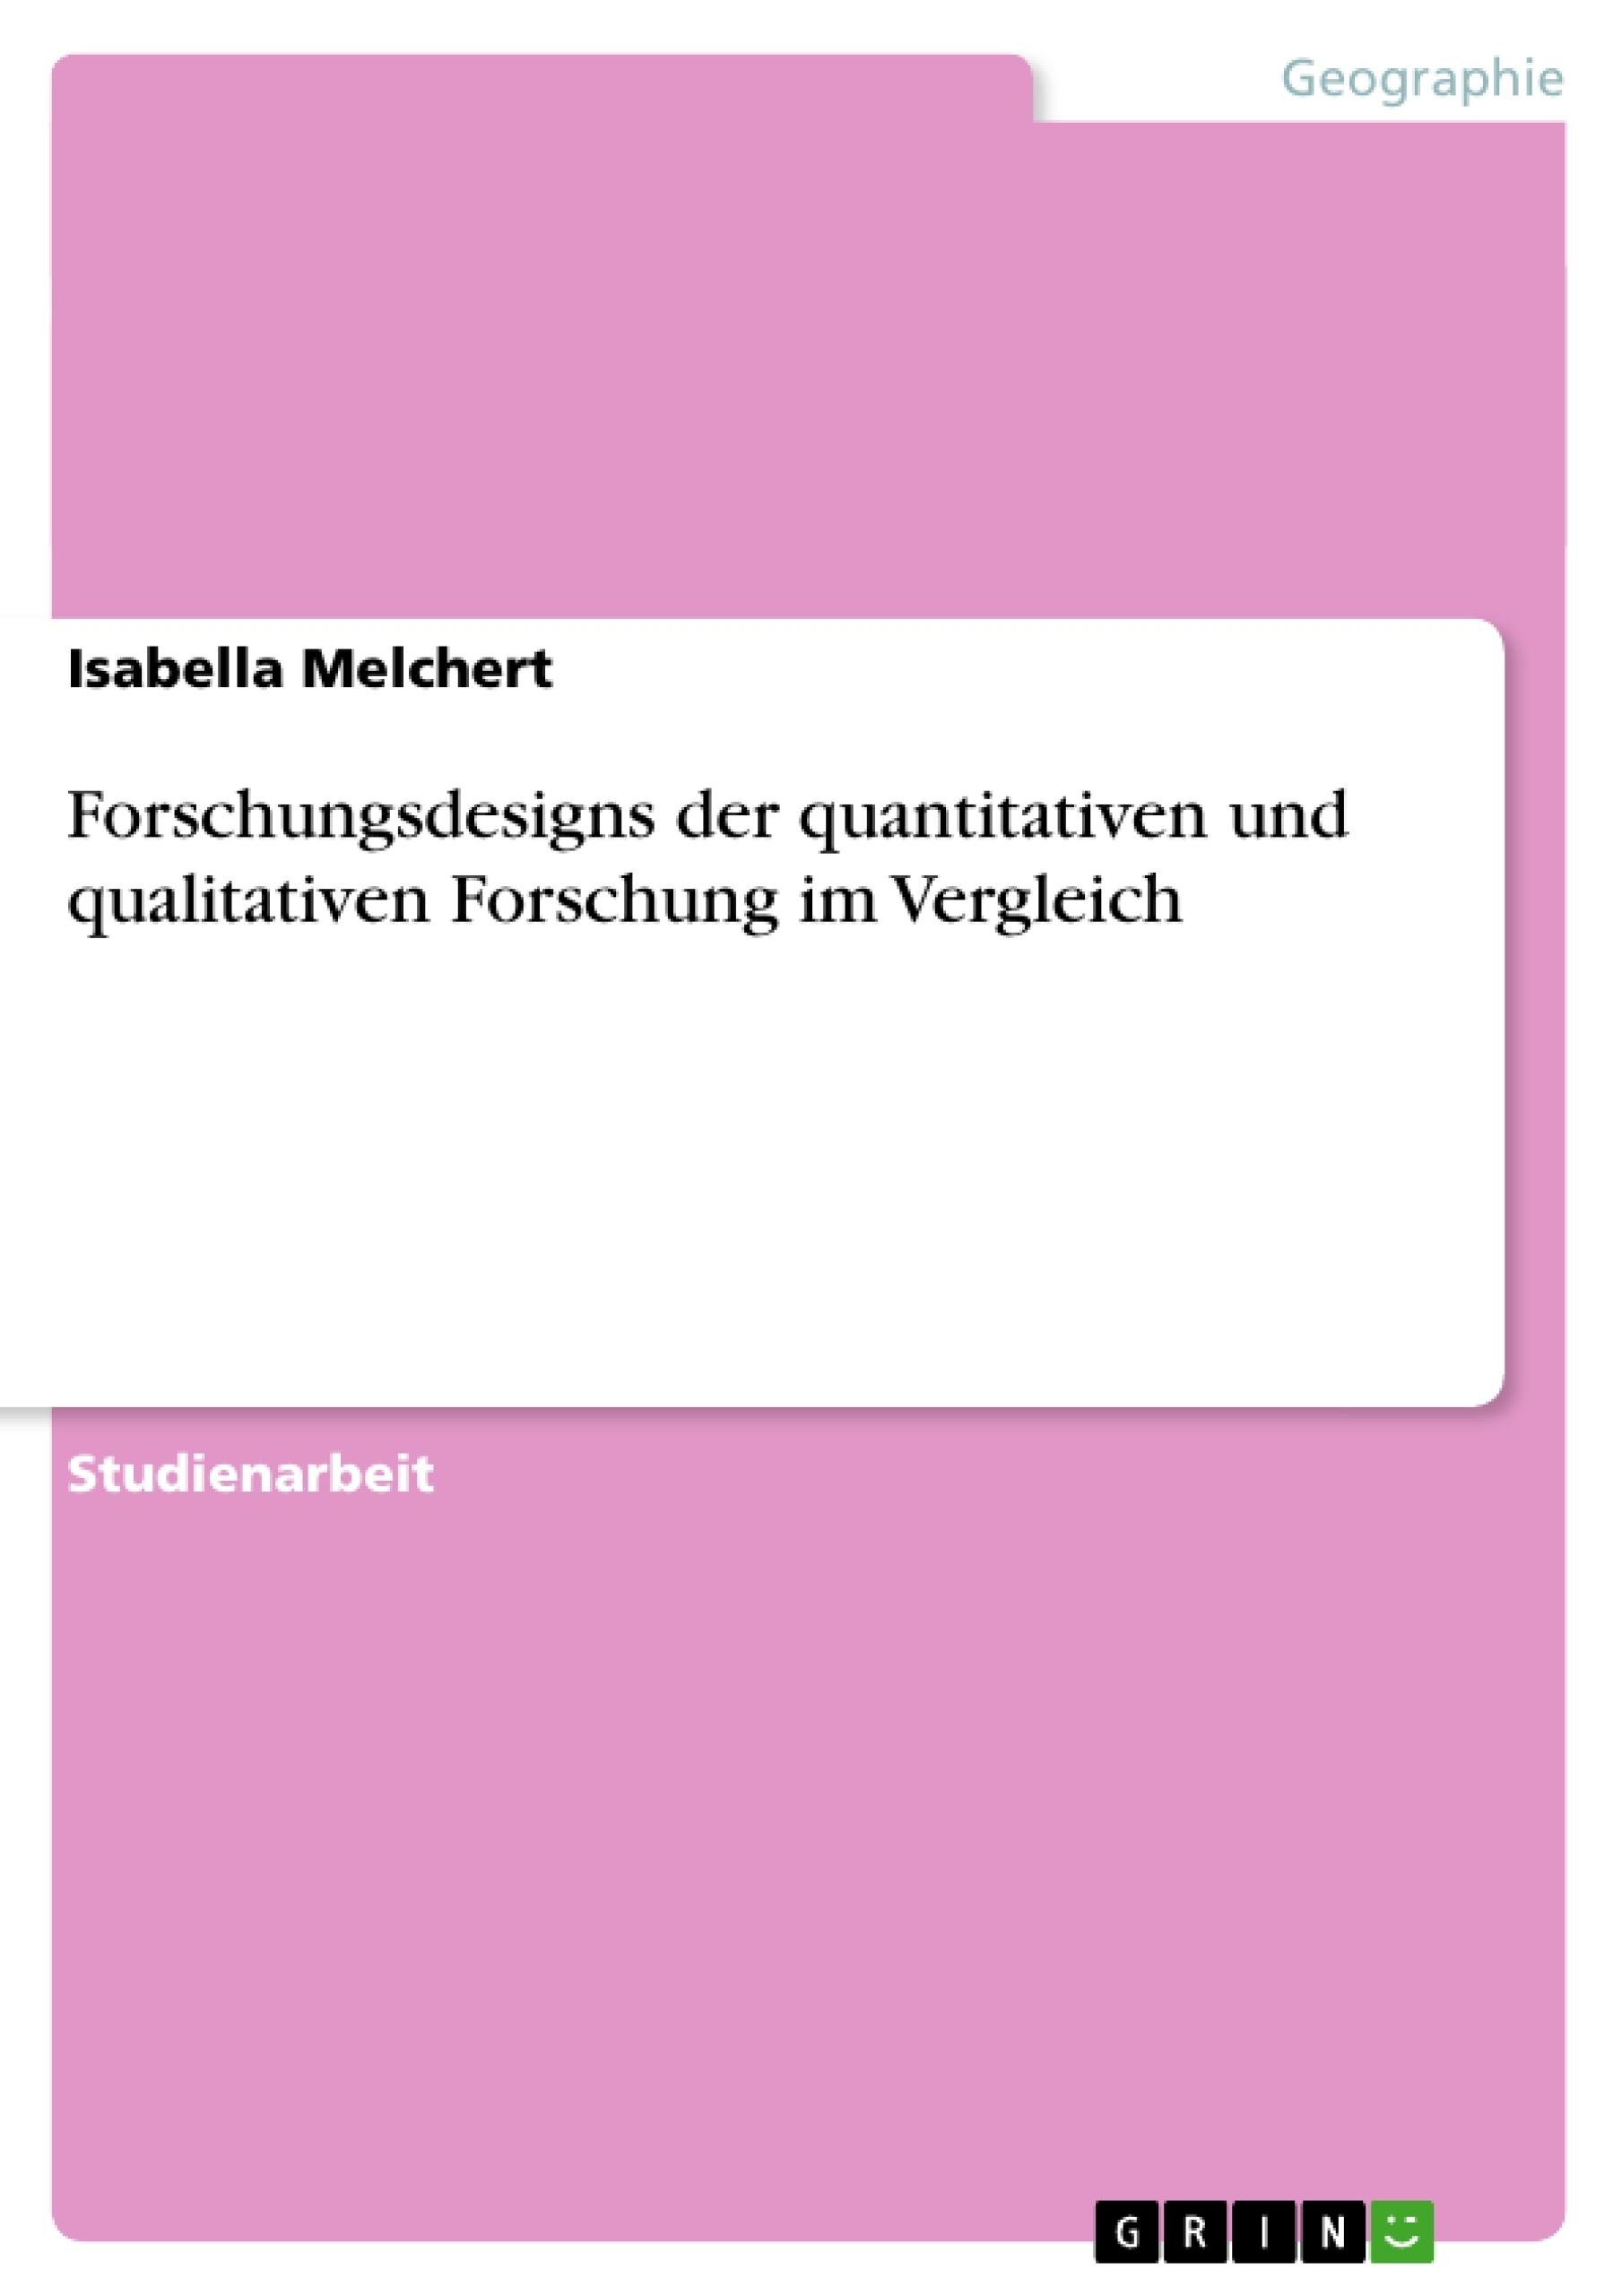 Titel: Forschungsdesigns der quantitativen und qualitativen Forschung im Vergleich